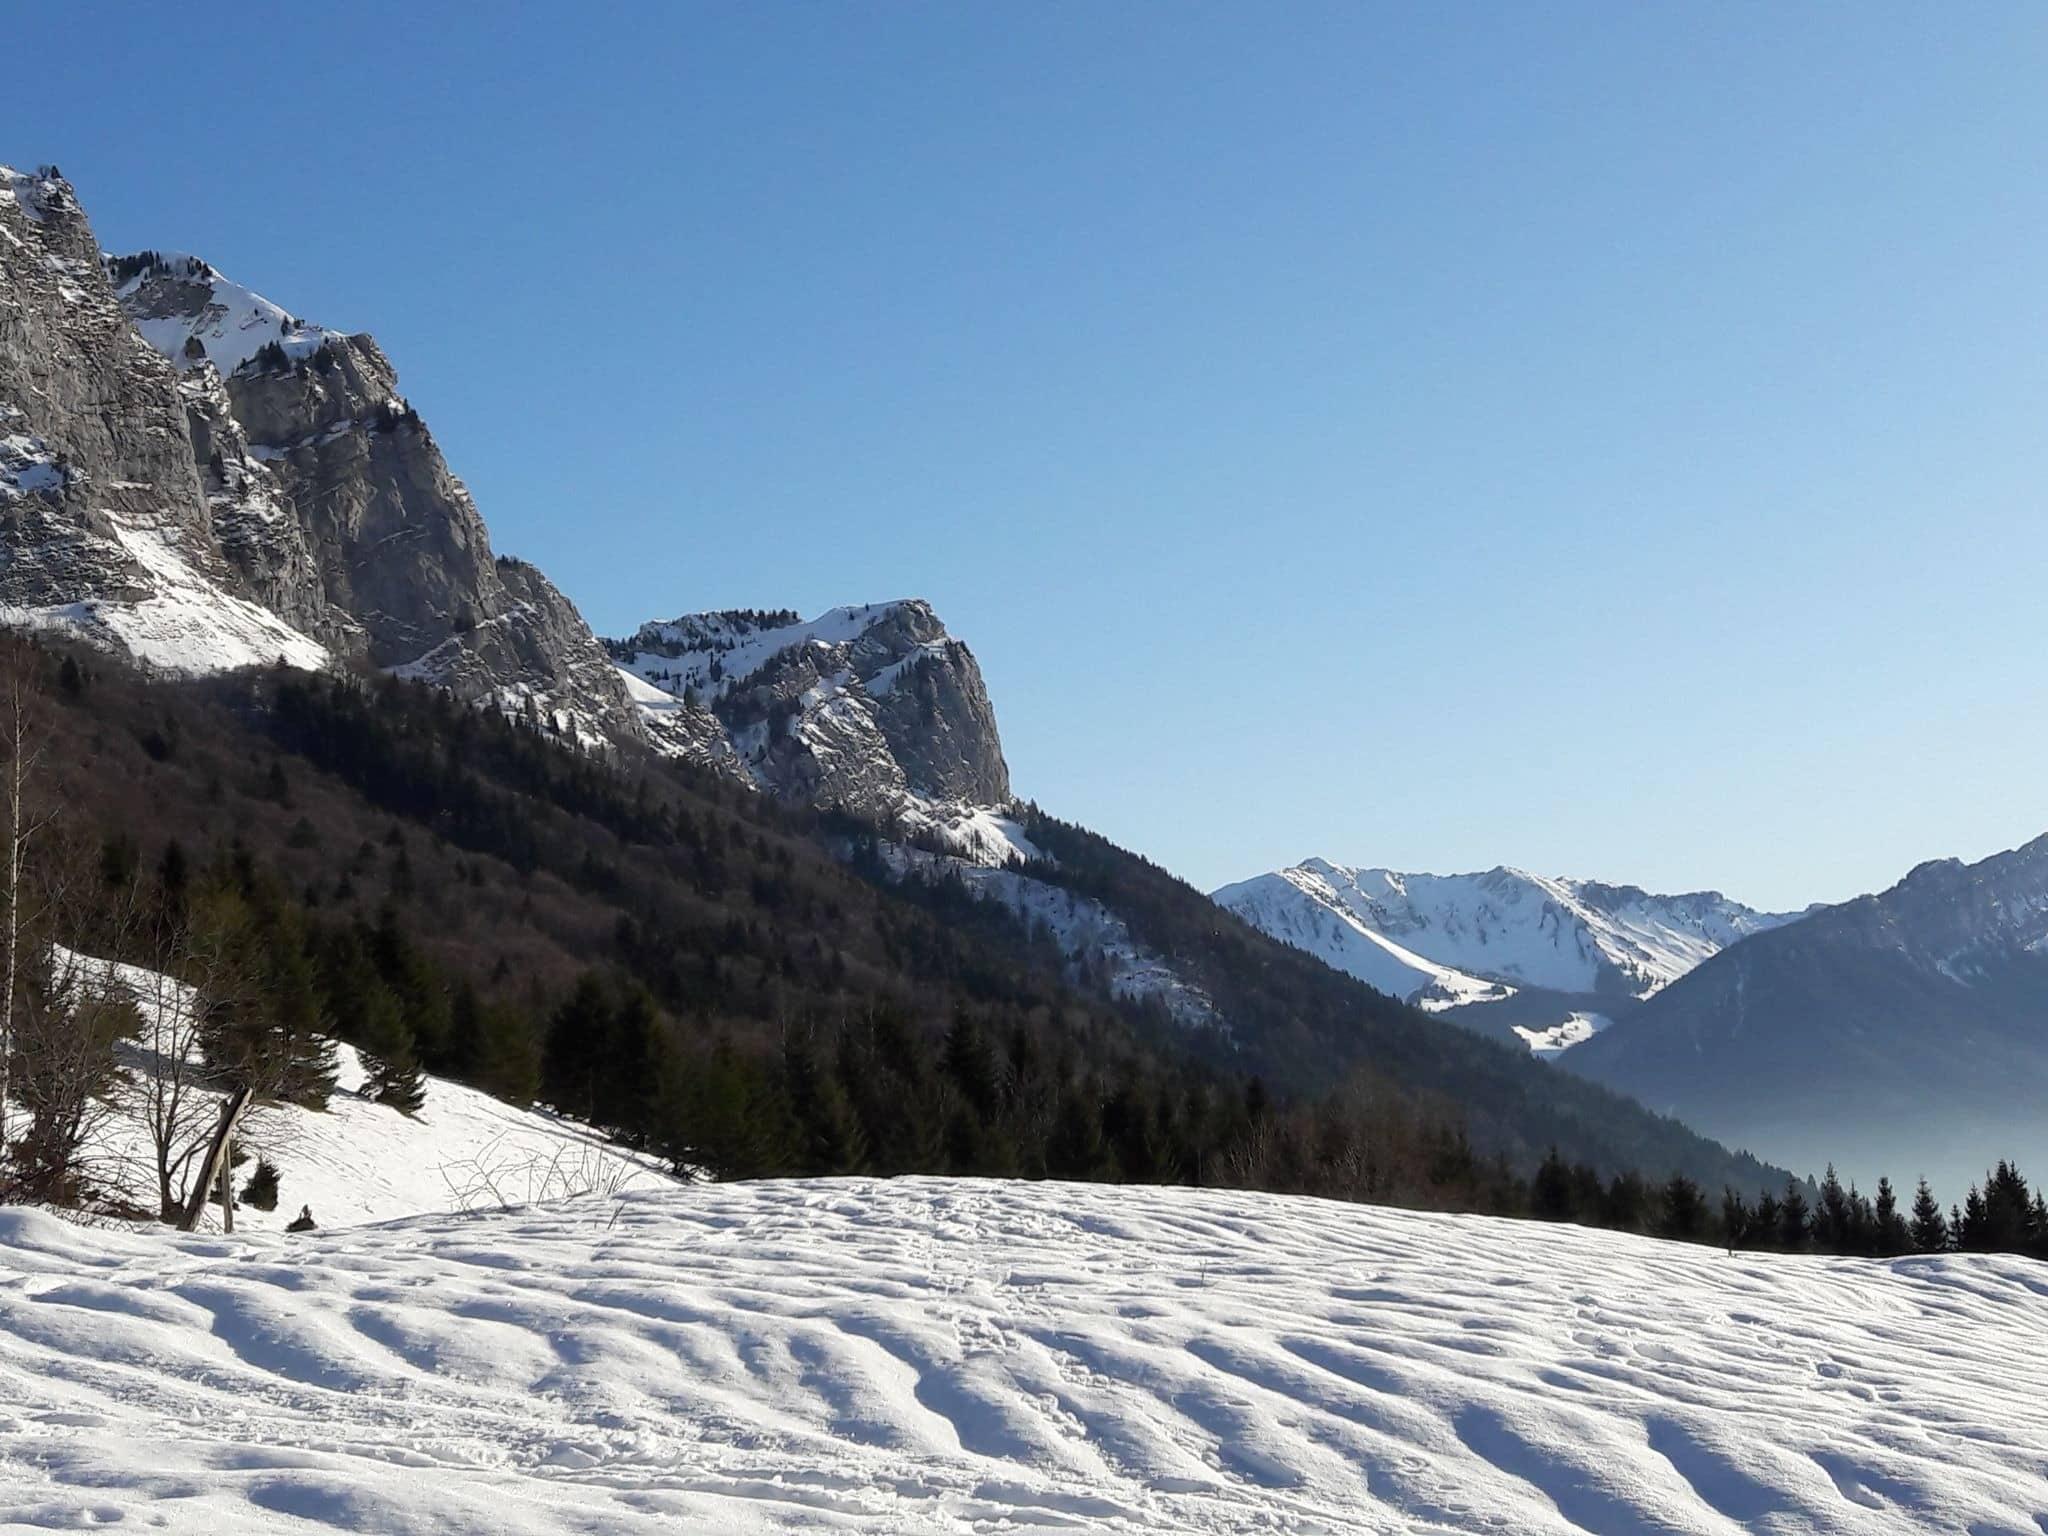 Randonnée massif des bauges : Le Trélod